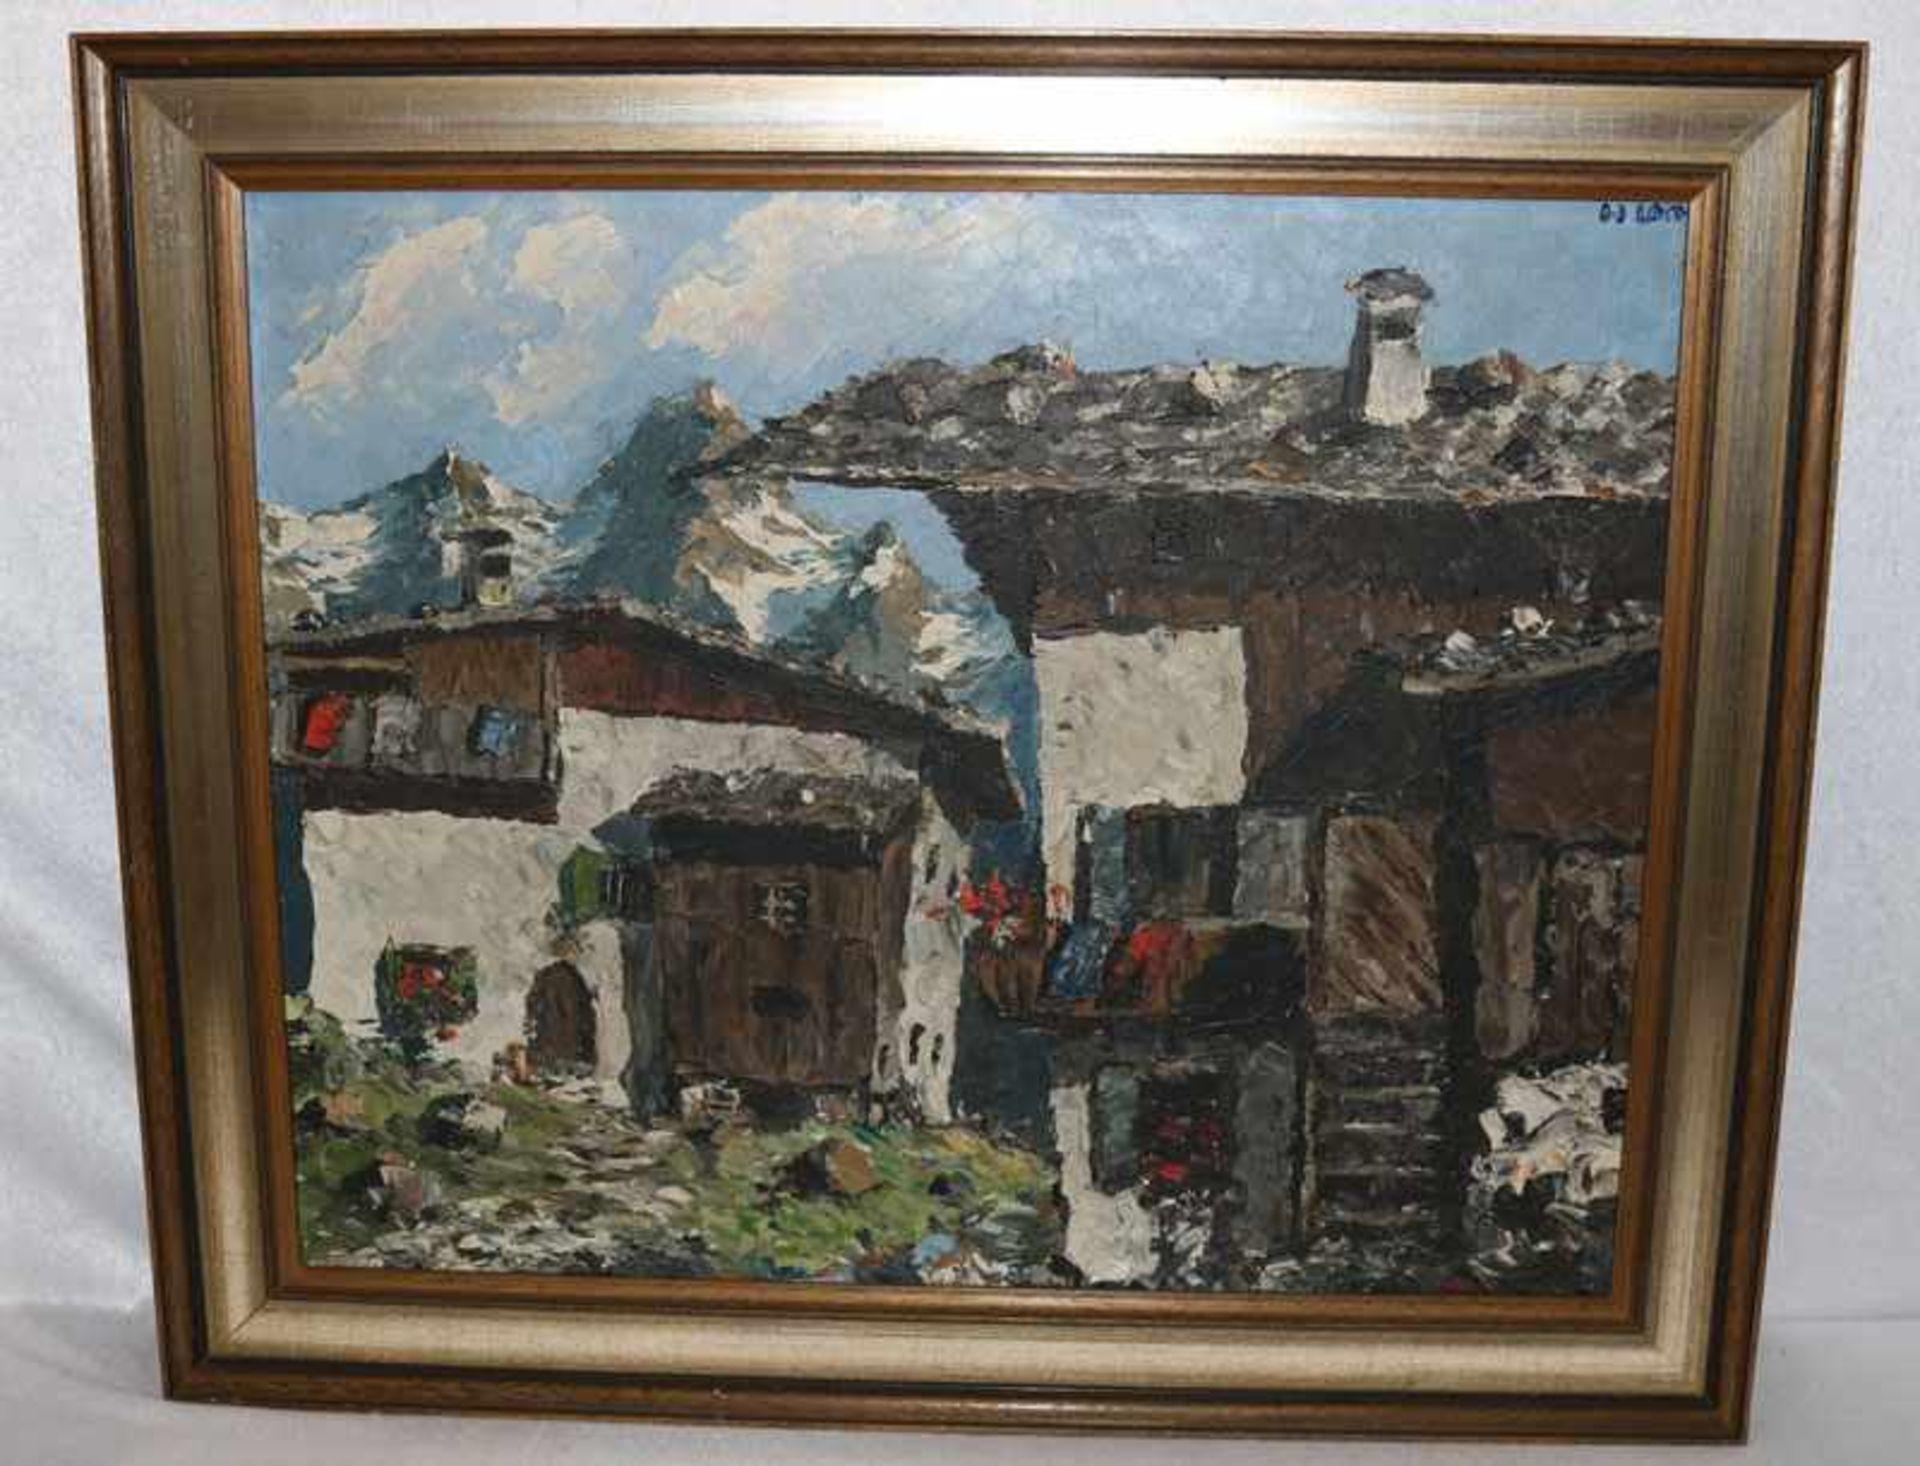 Los 126 - Gemälde ÖL/LW 'Bergbauernhof im Hochgebirge', rechts oben undeutlich signiert, in Art Mulley,